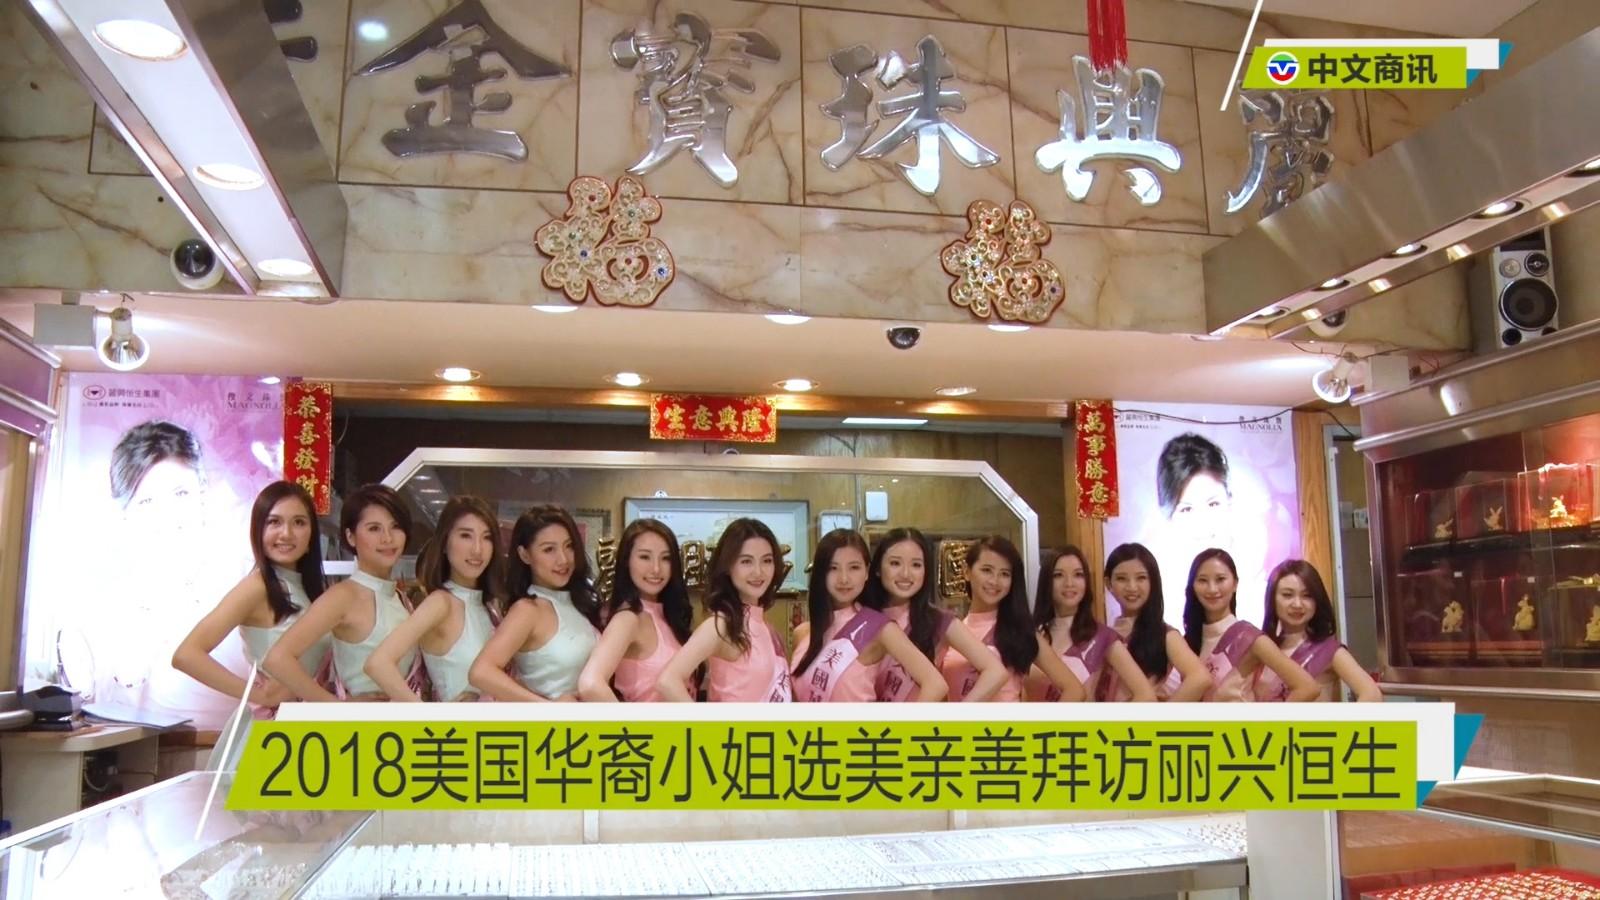 【视频】2018年度美国华裔小姐选美亲善拜访丽兴恒生